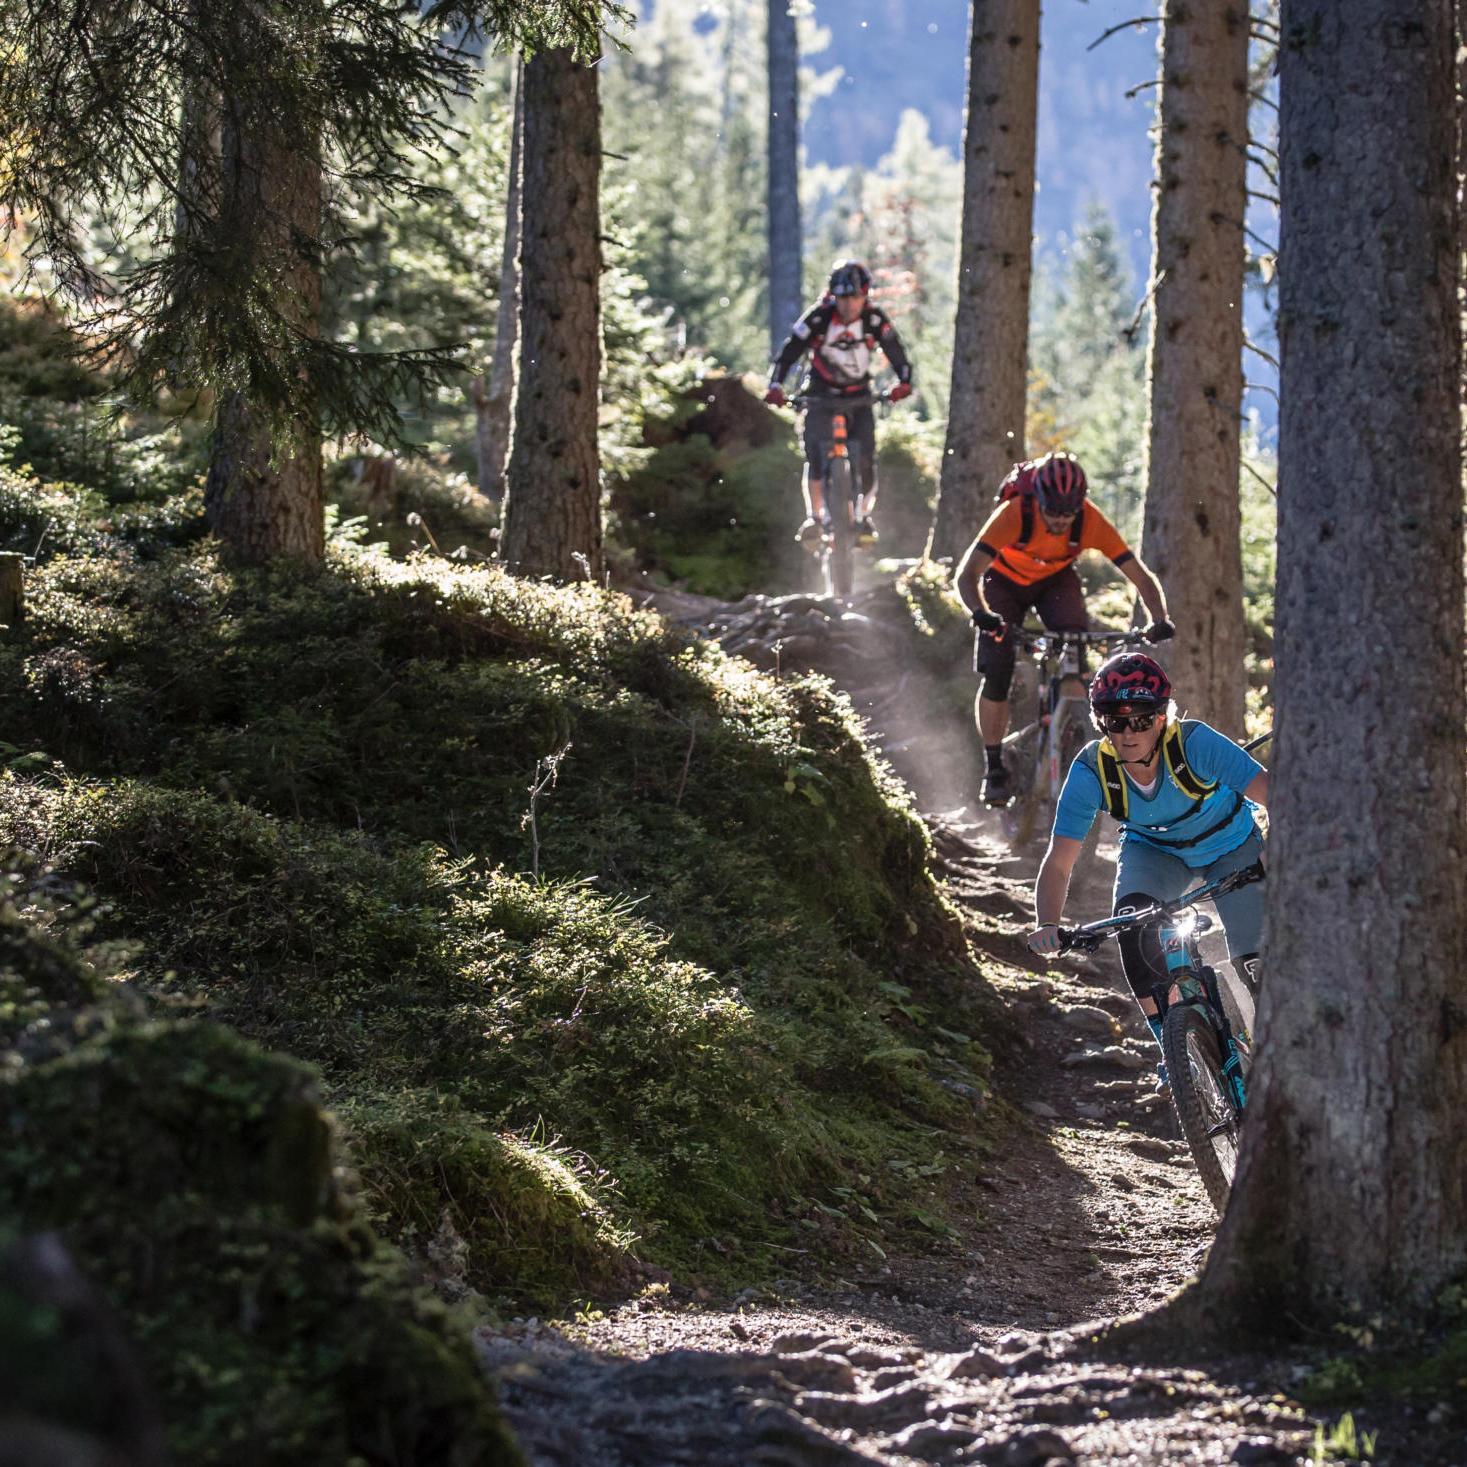 Stoneman-Taurista-Mountainbike-Österreich-Salzburger Land-MTB-Tour-Abenteuer-Event 04